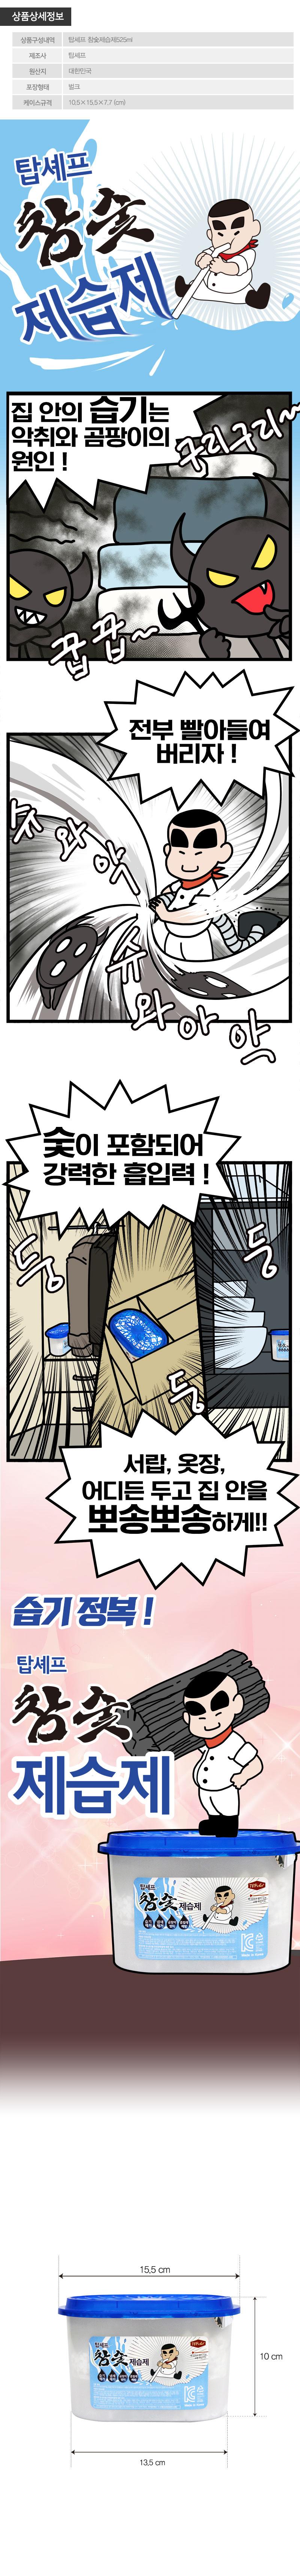 ubkorea_5_d.jpg